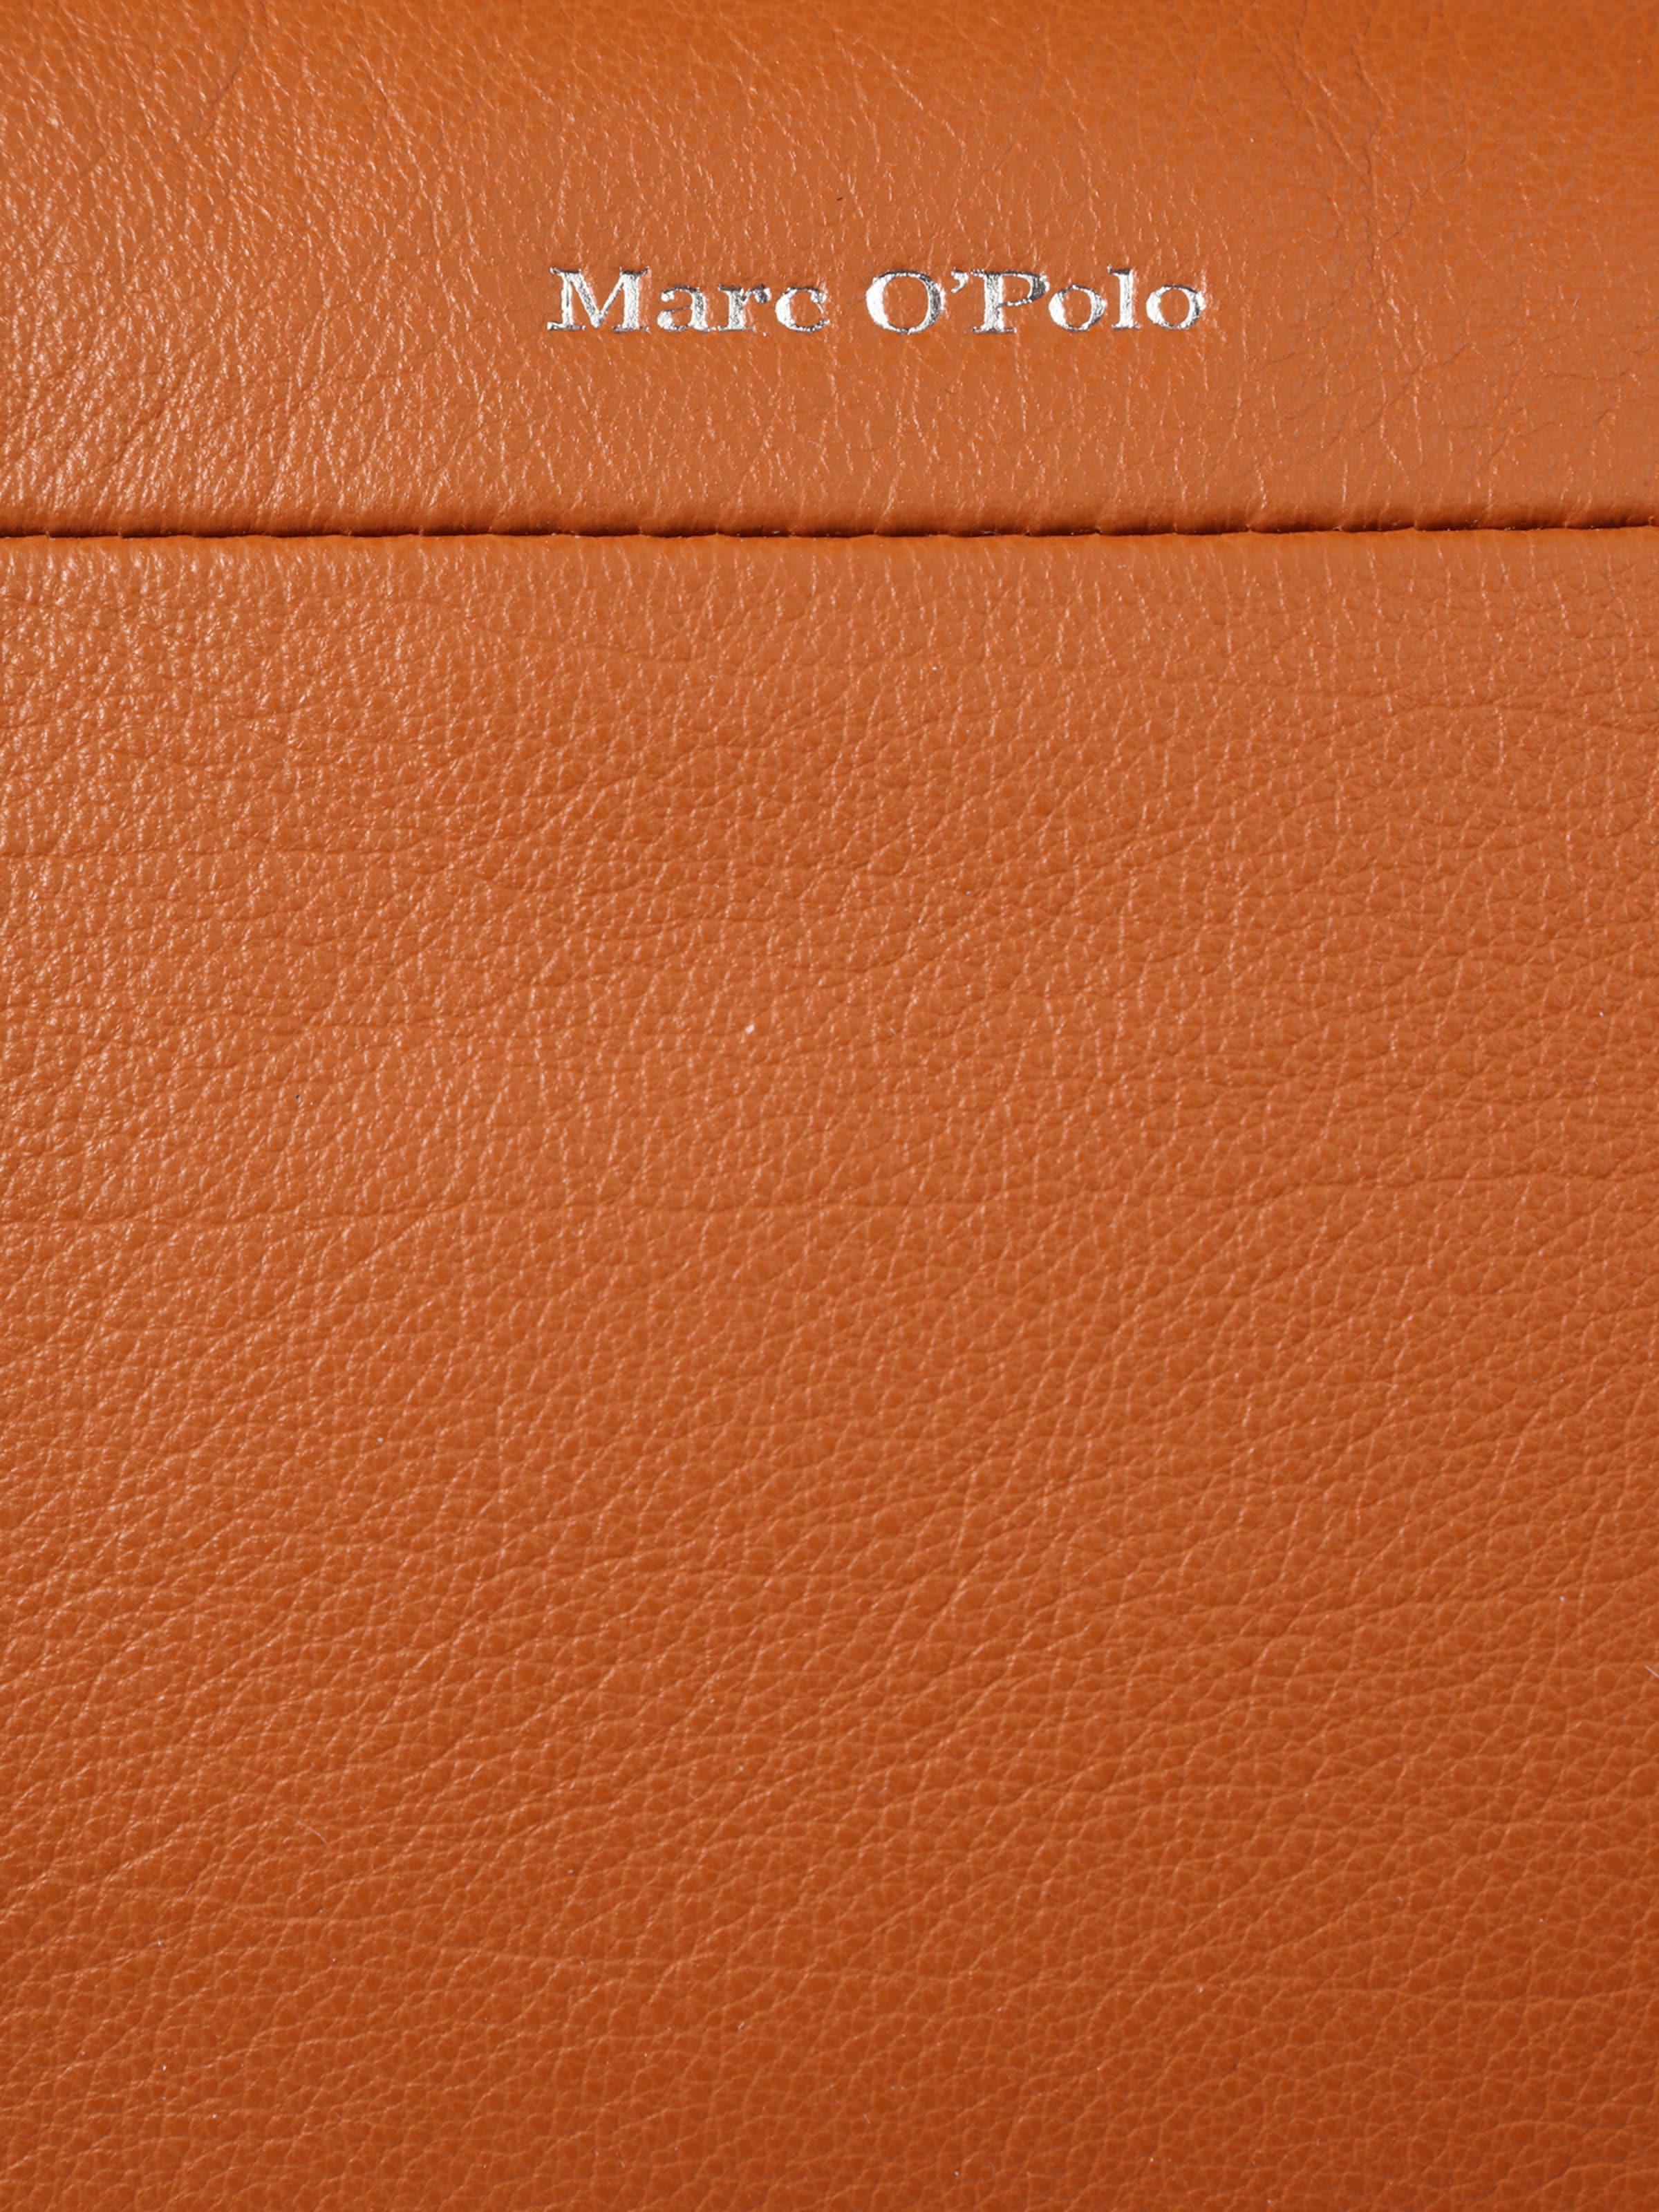 Marc O'Polo Schultertasche 'Fifty Hobo' Günstig Kaufen Offizielle Seite Günstig Kaufen Outlet-Store Shop-Angebot Zum Verkauf 3tkxXypU